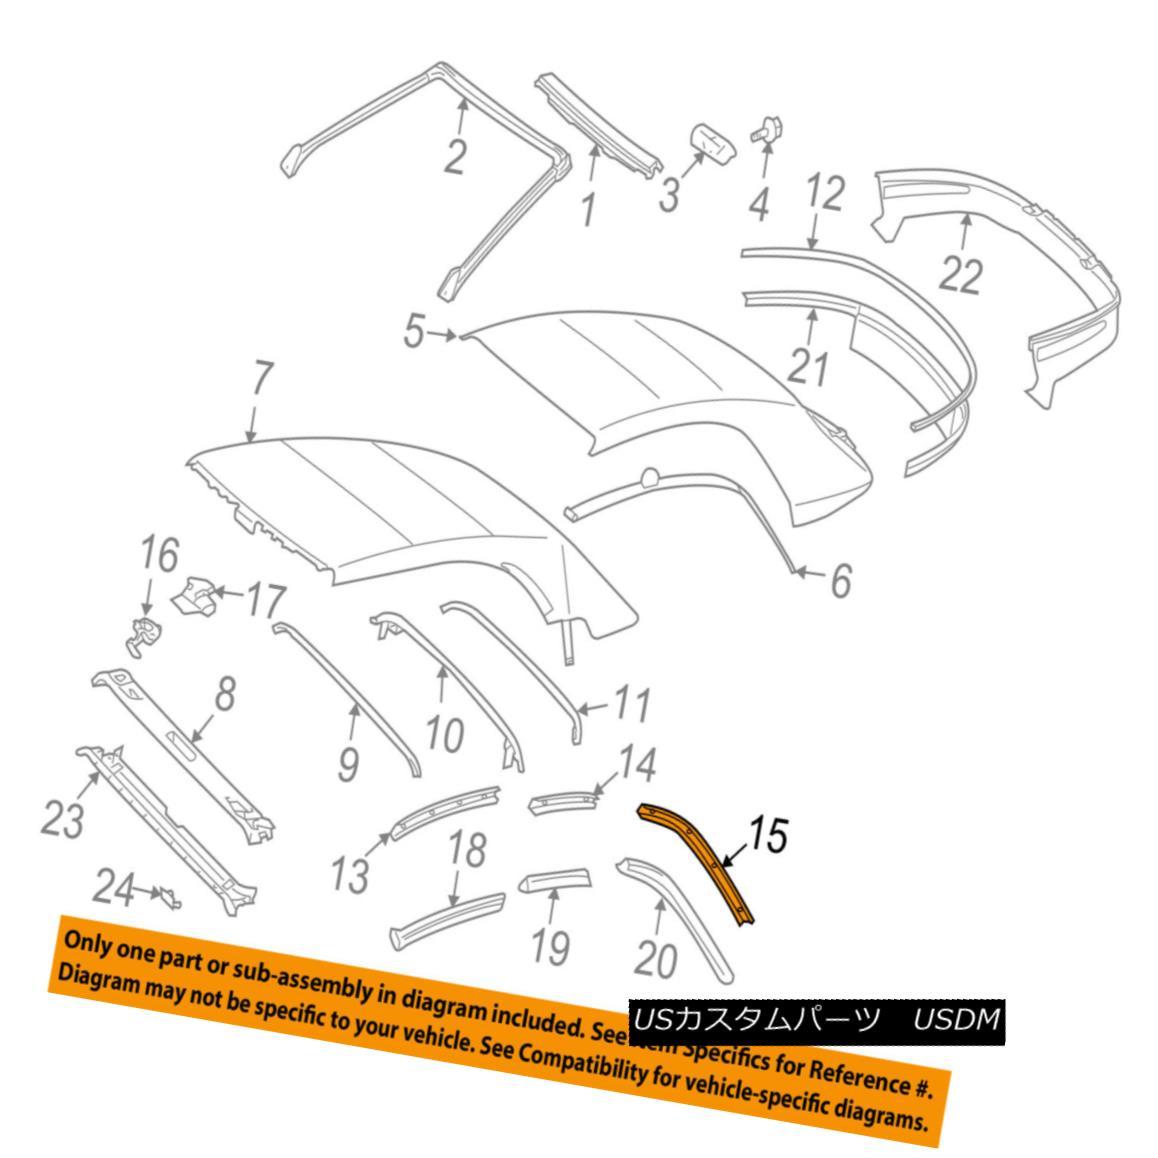 幌・ソフトトップ TOYOTA OEM 04-08 Solara Convertible/soft Top-Retainer Right 6593806010 TOYOTA OEM 04-08ソーララ・コンバーチブル/ so ftトップ保持者の権利6593806010